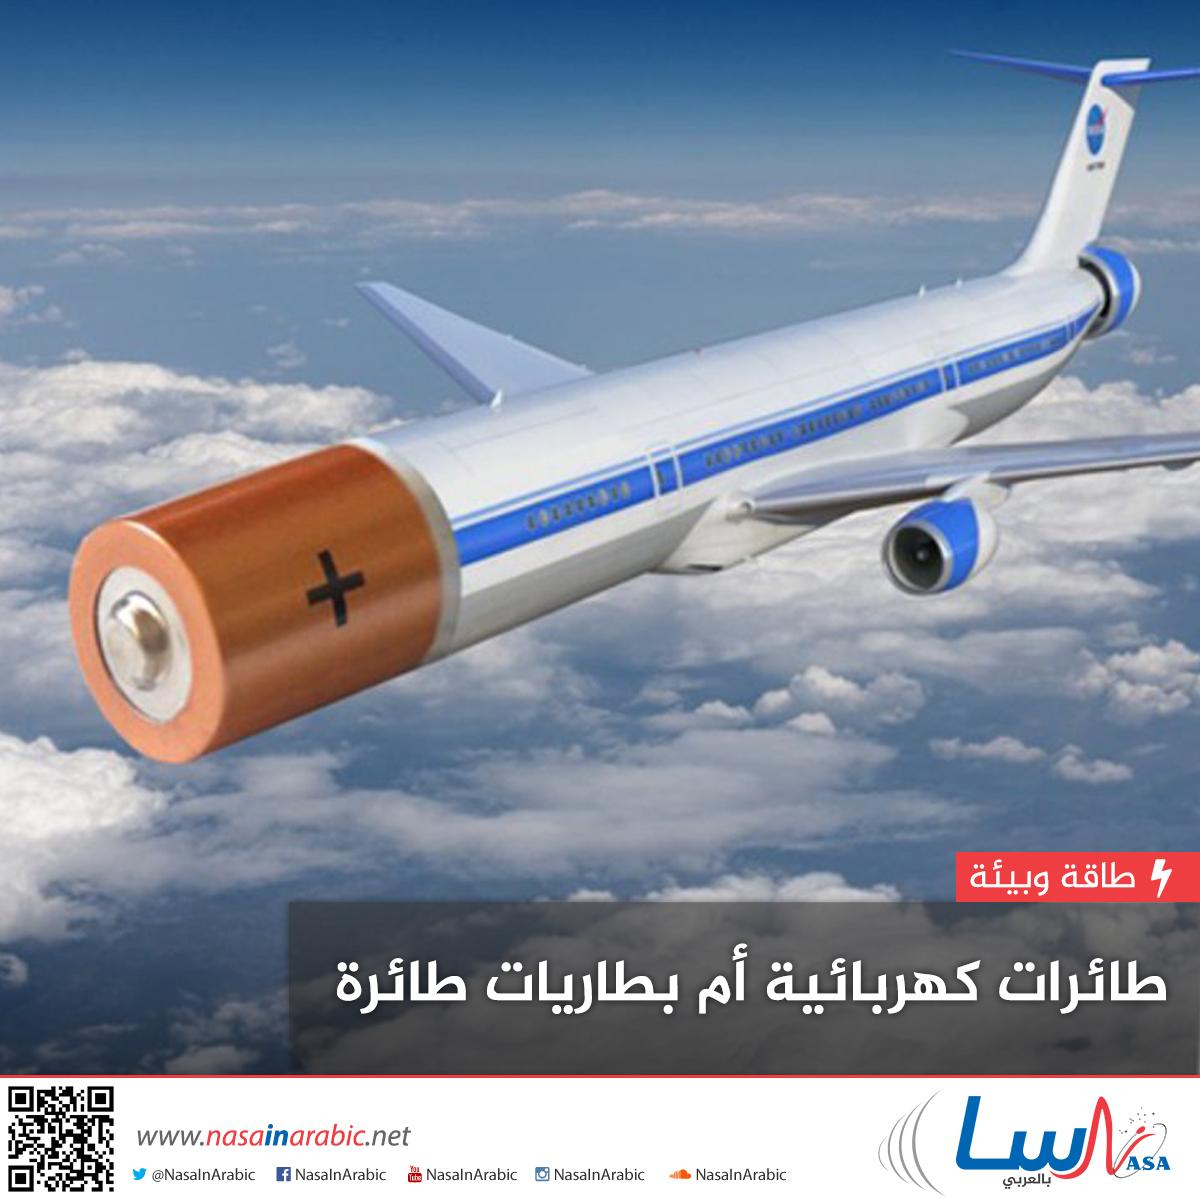 طائرات كهربائية أم بطاريات طائرة